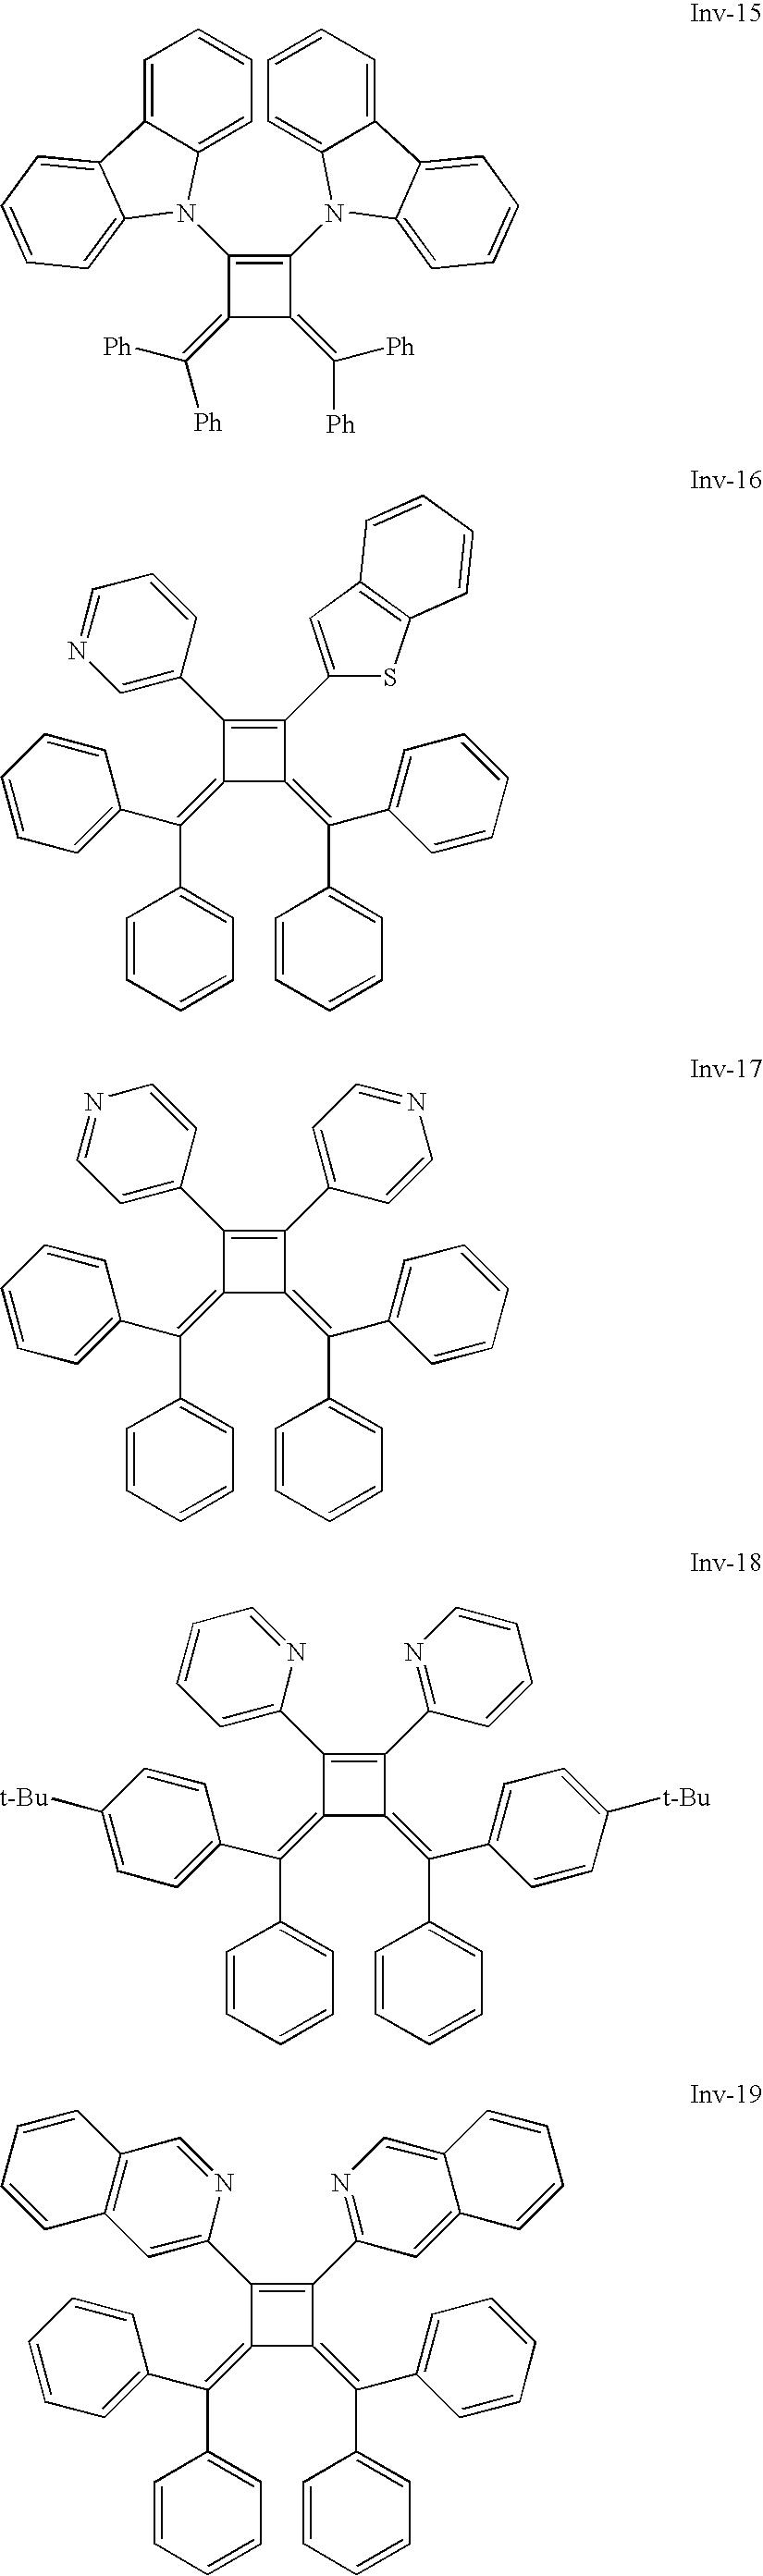 Figure US07968215-20110628-C00011